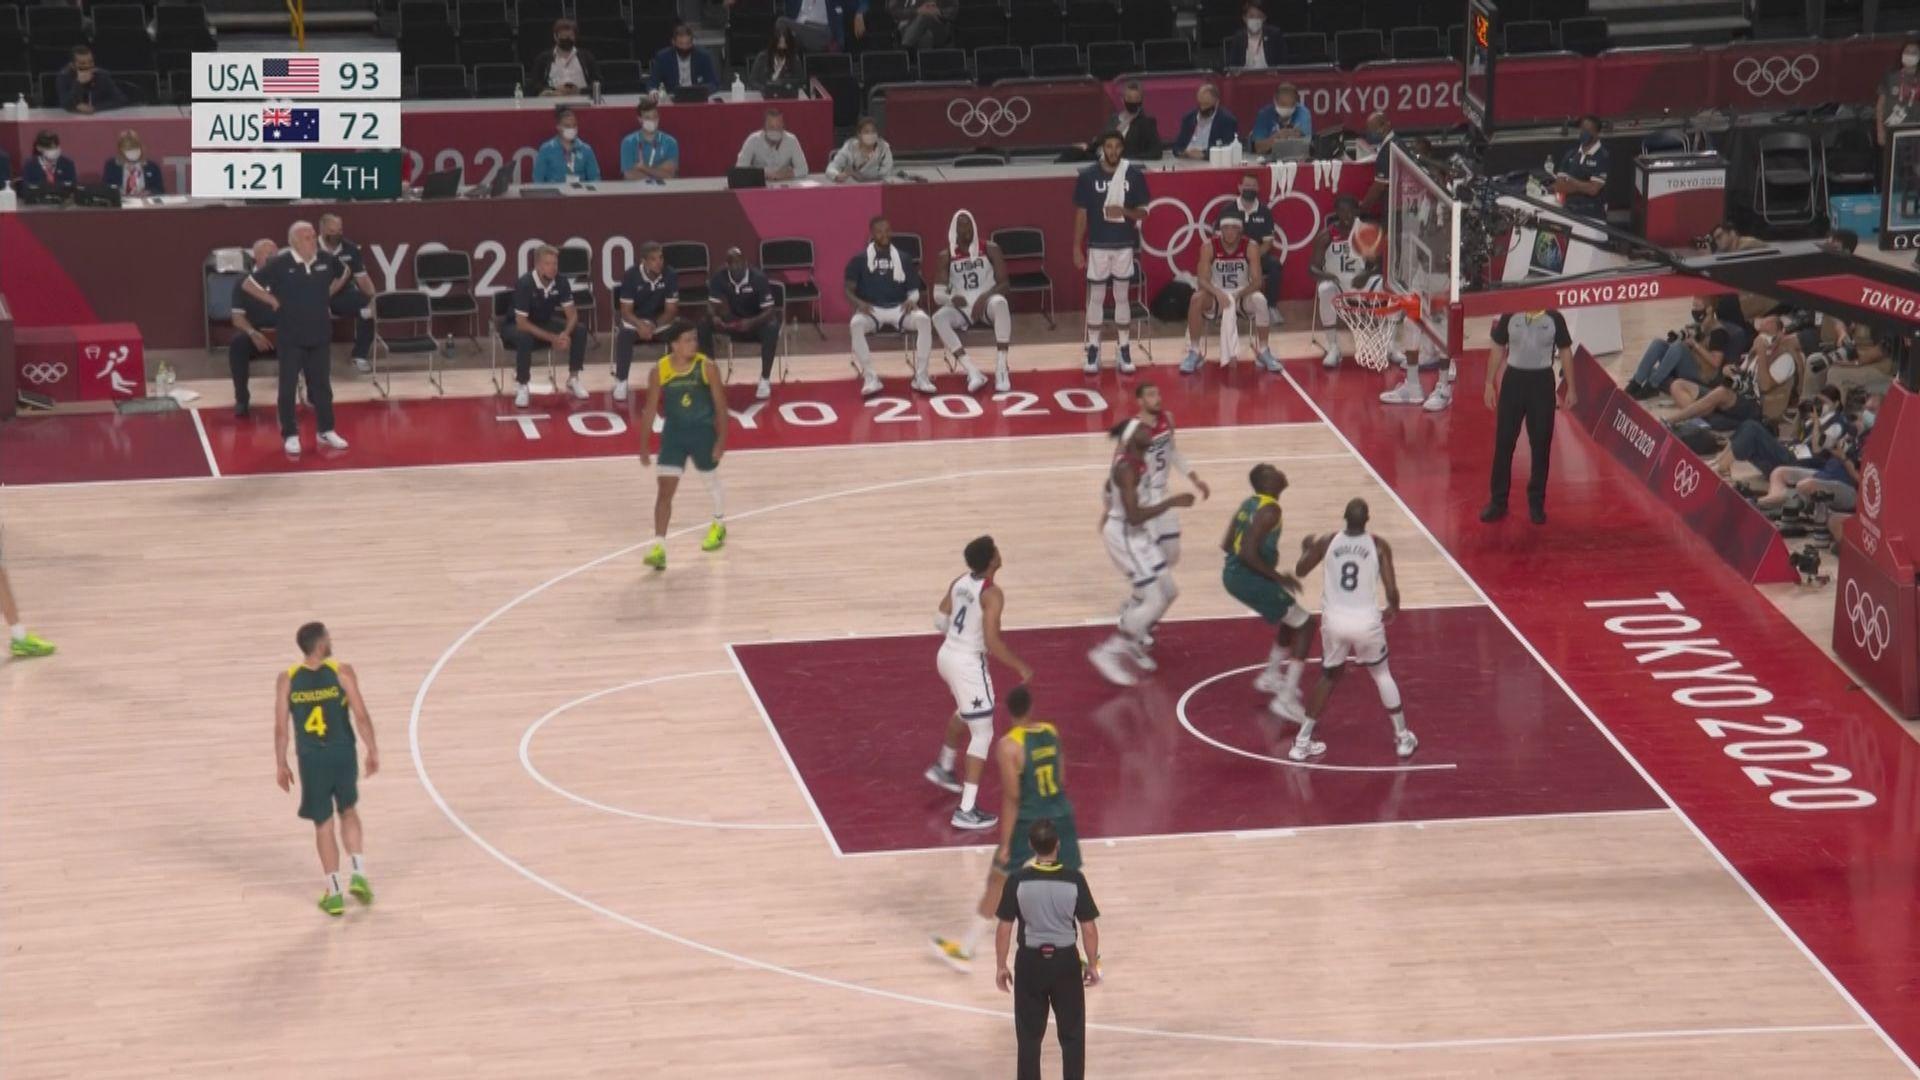 奧運男子籃球 美國撃敗澳洲晉級決賽